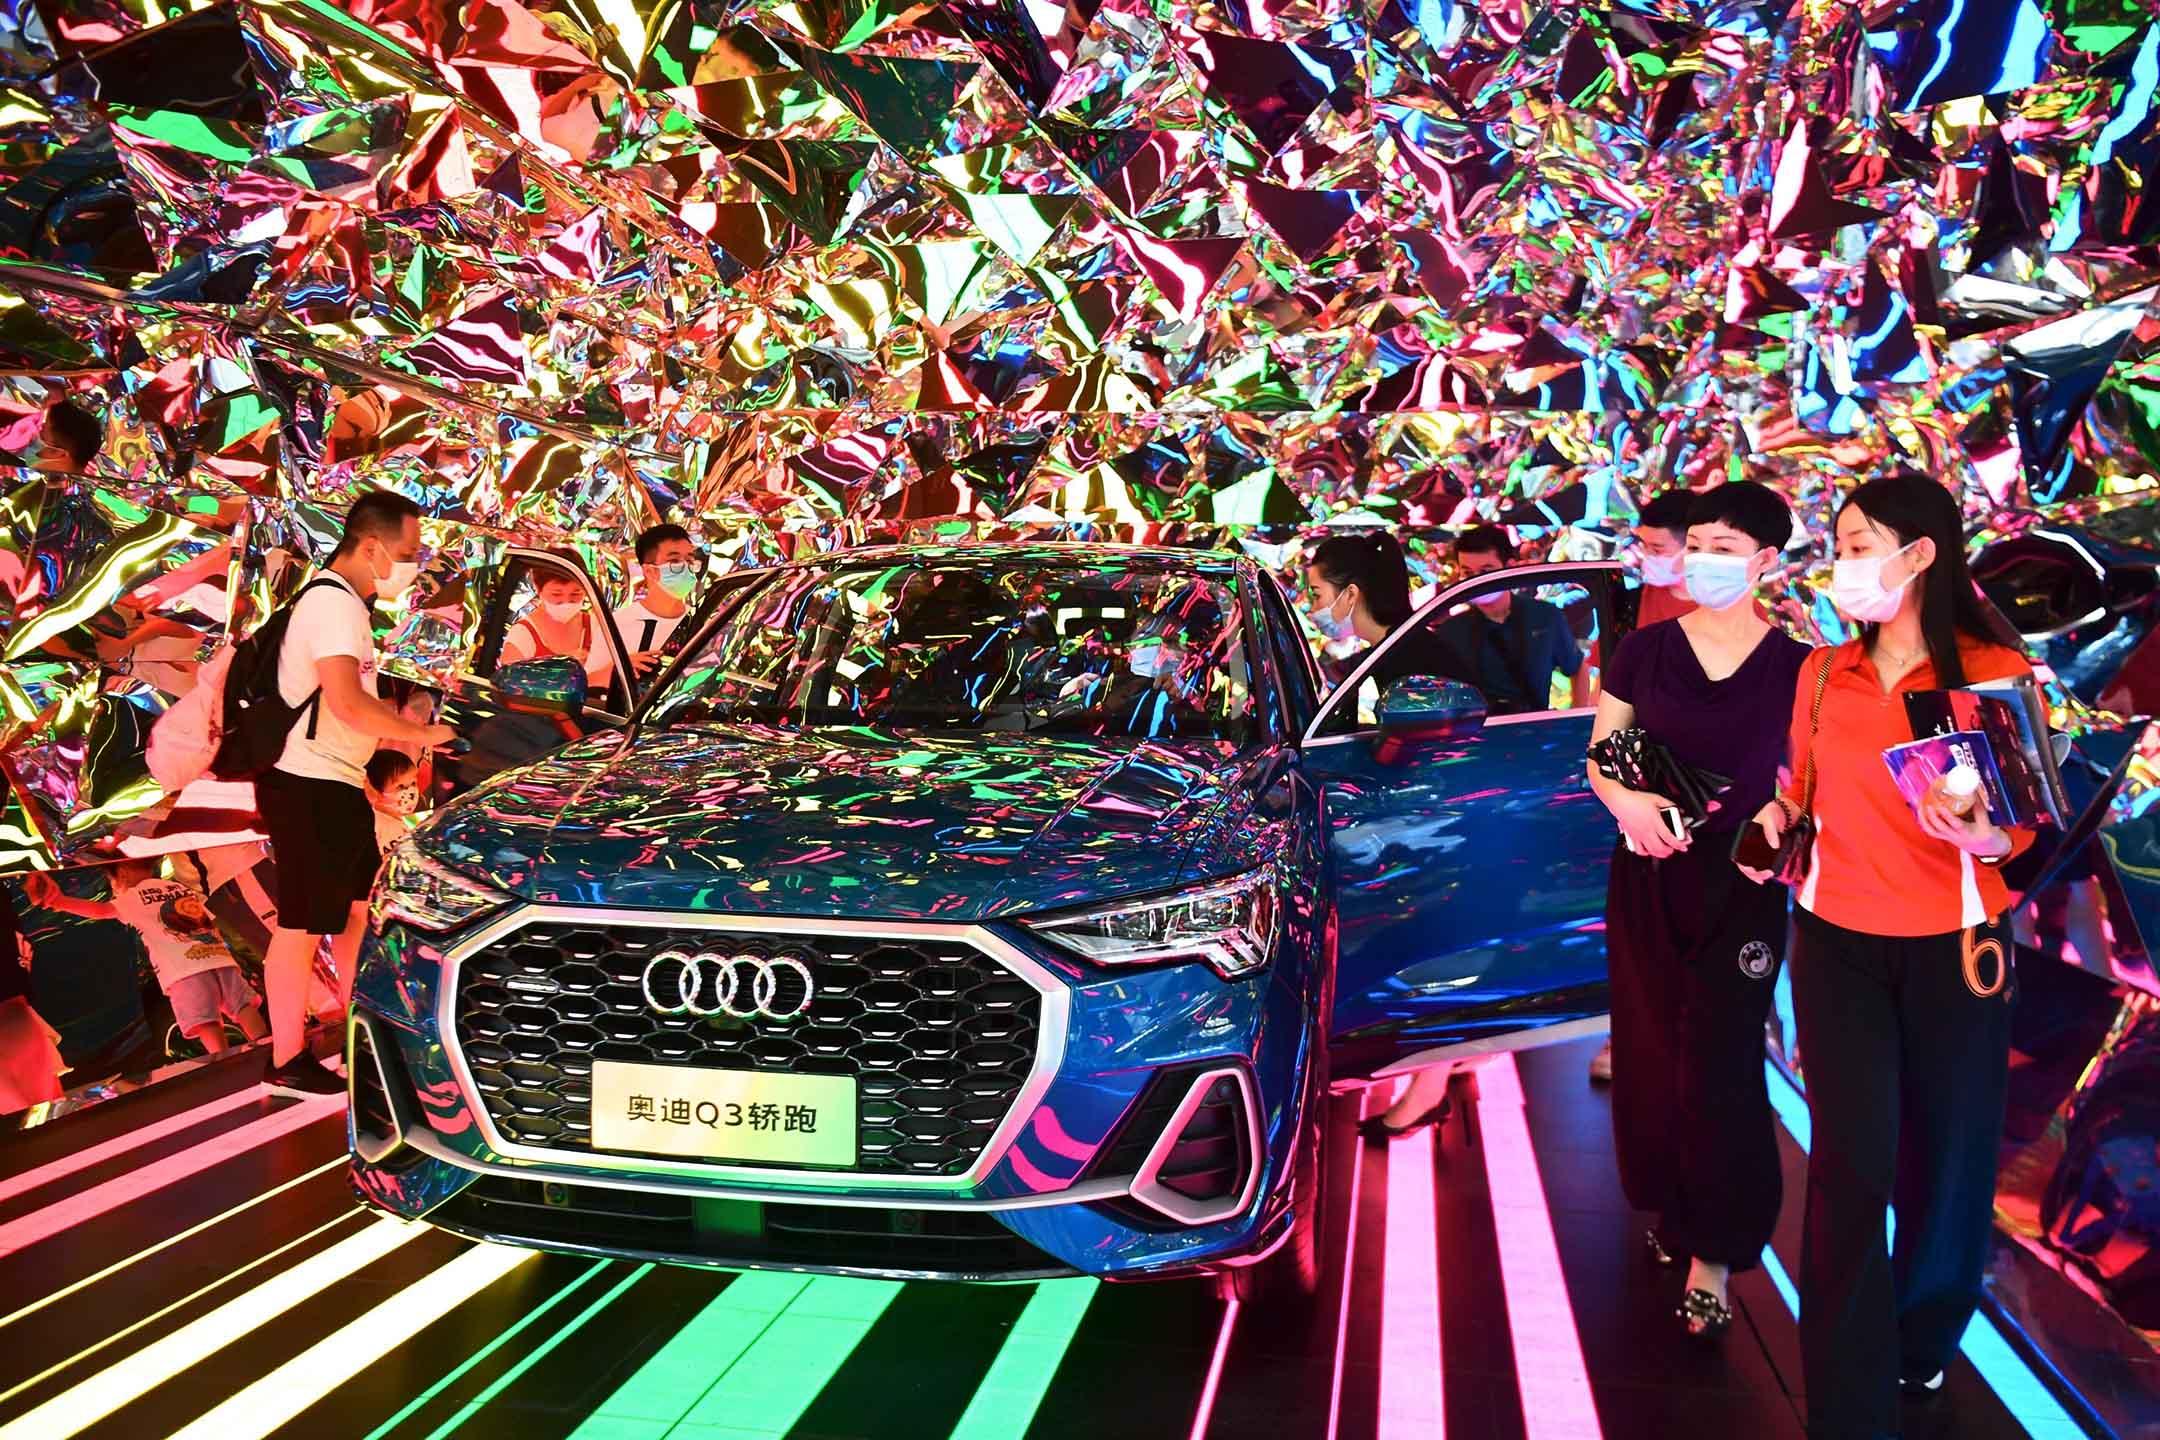 2020年6月20日,深圳會展中心,人們戴著口罩看大灣區國際車展 。